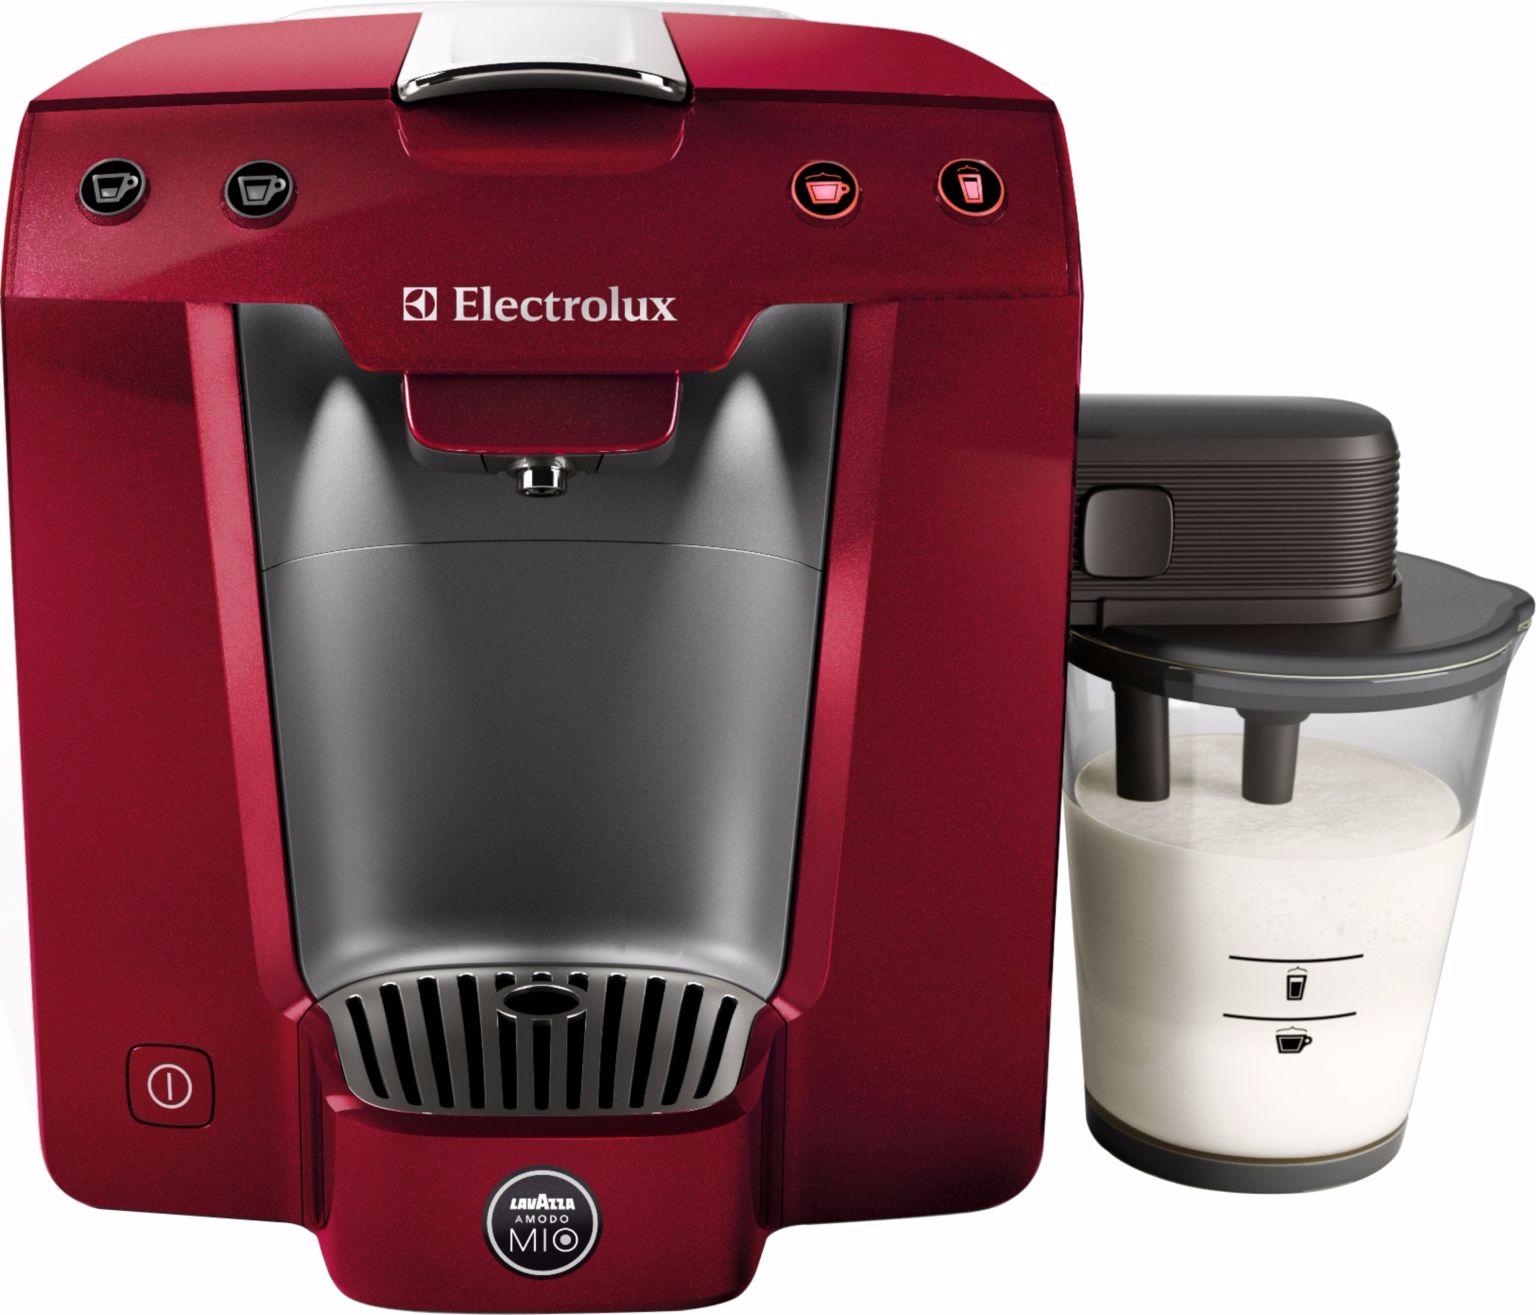 Cafetière Electrolux Lavazza A Modo Mio Favola Cappucino ELM 5400 MR - Rouge